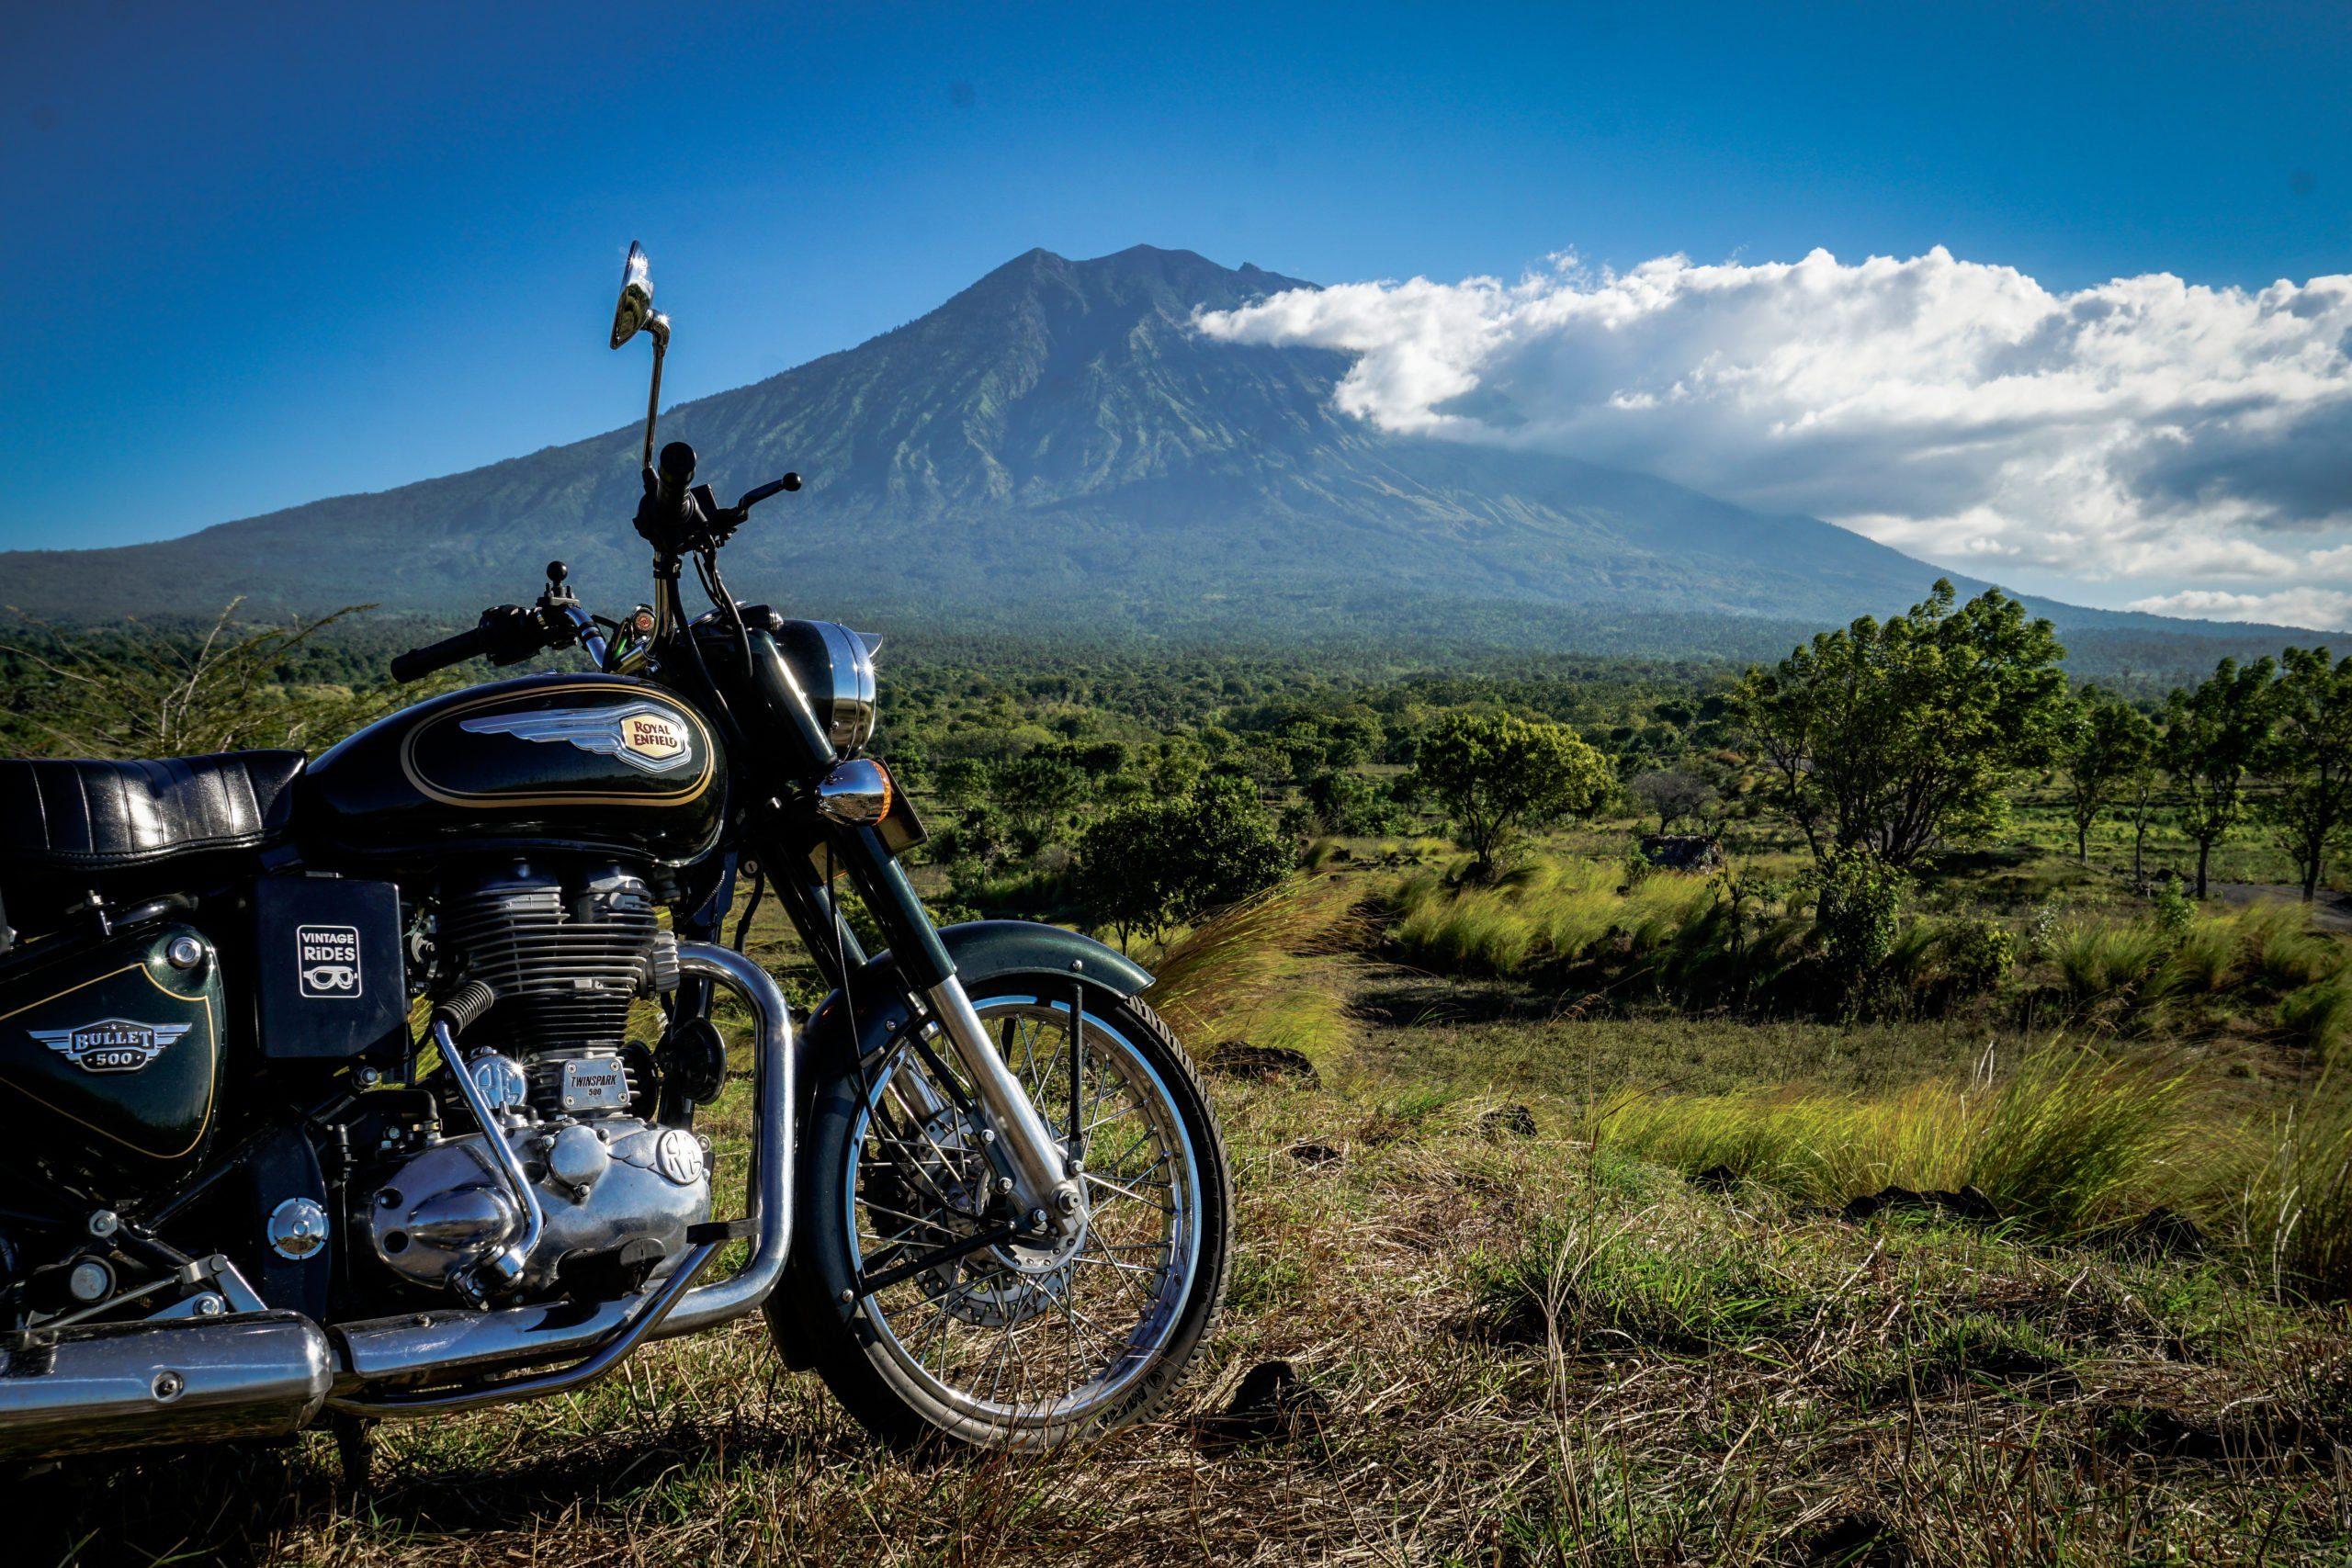 Motorrad-Roadtrip Indonesien - Von Bali nach Java entlang der Vulkanstraße